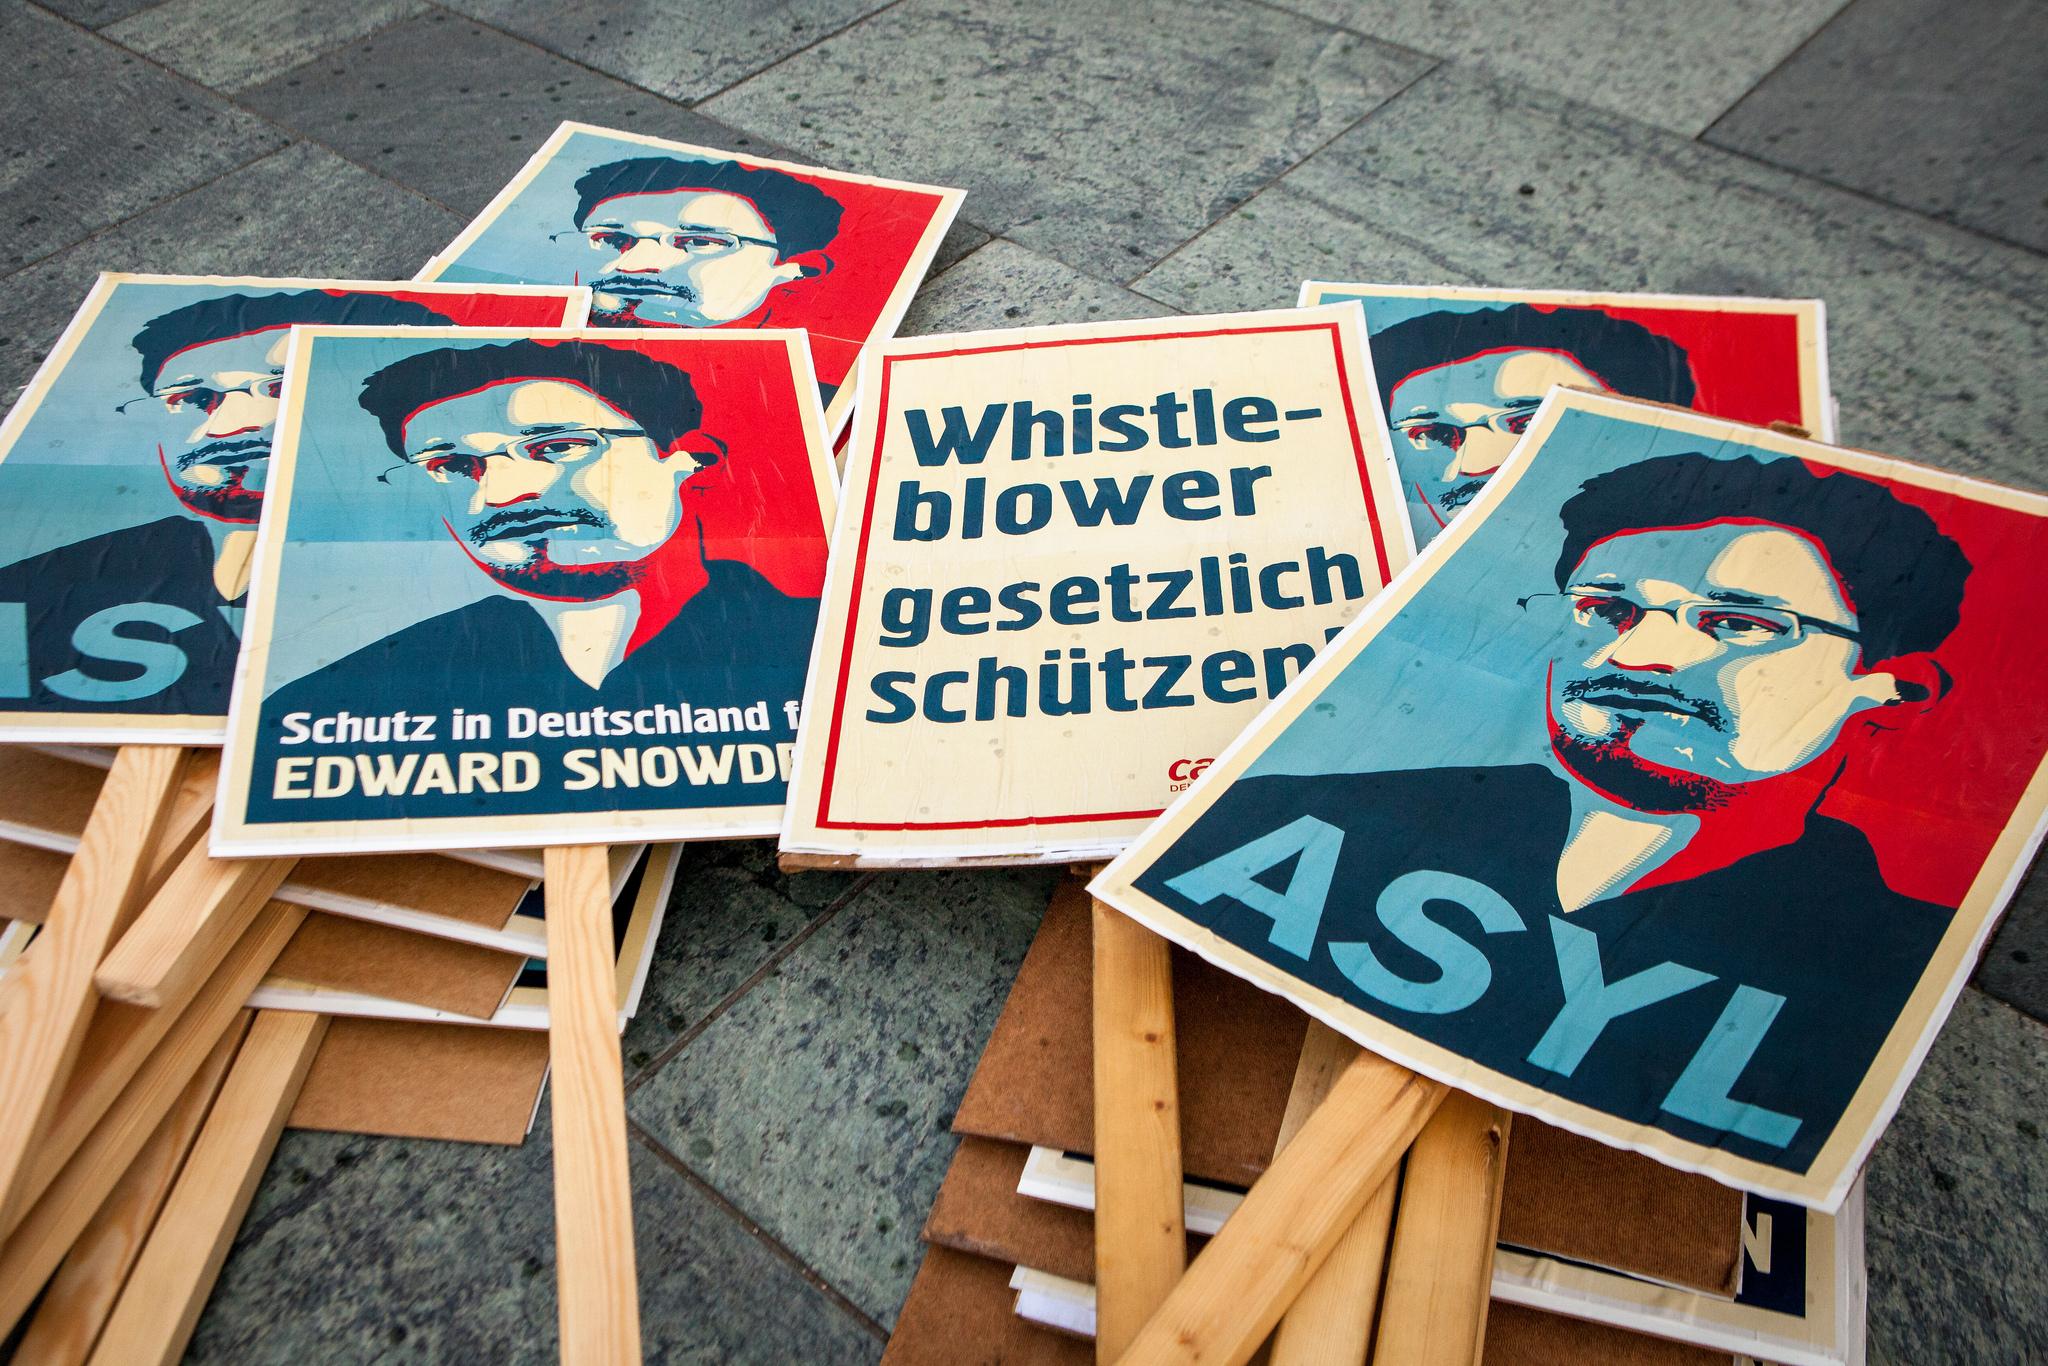 Geheim-Umfragen aus dem Bundespresseamt: Die Bundesregierung fragt ...